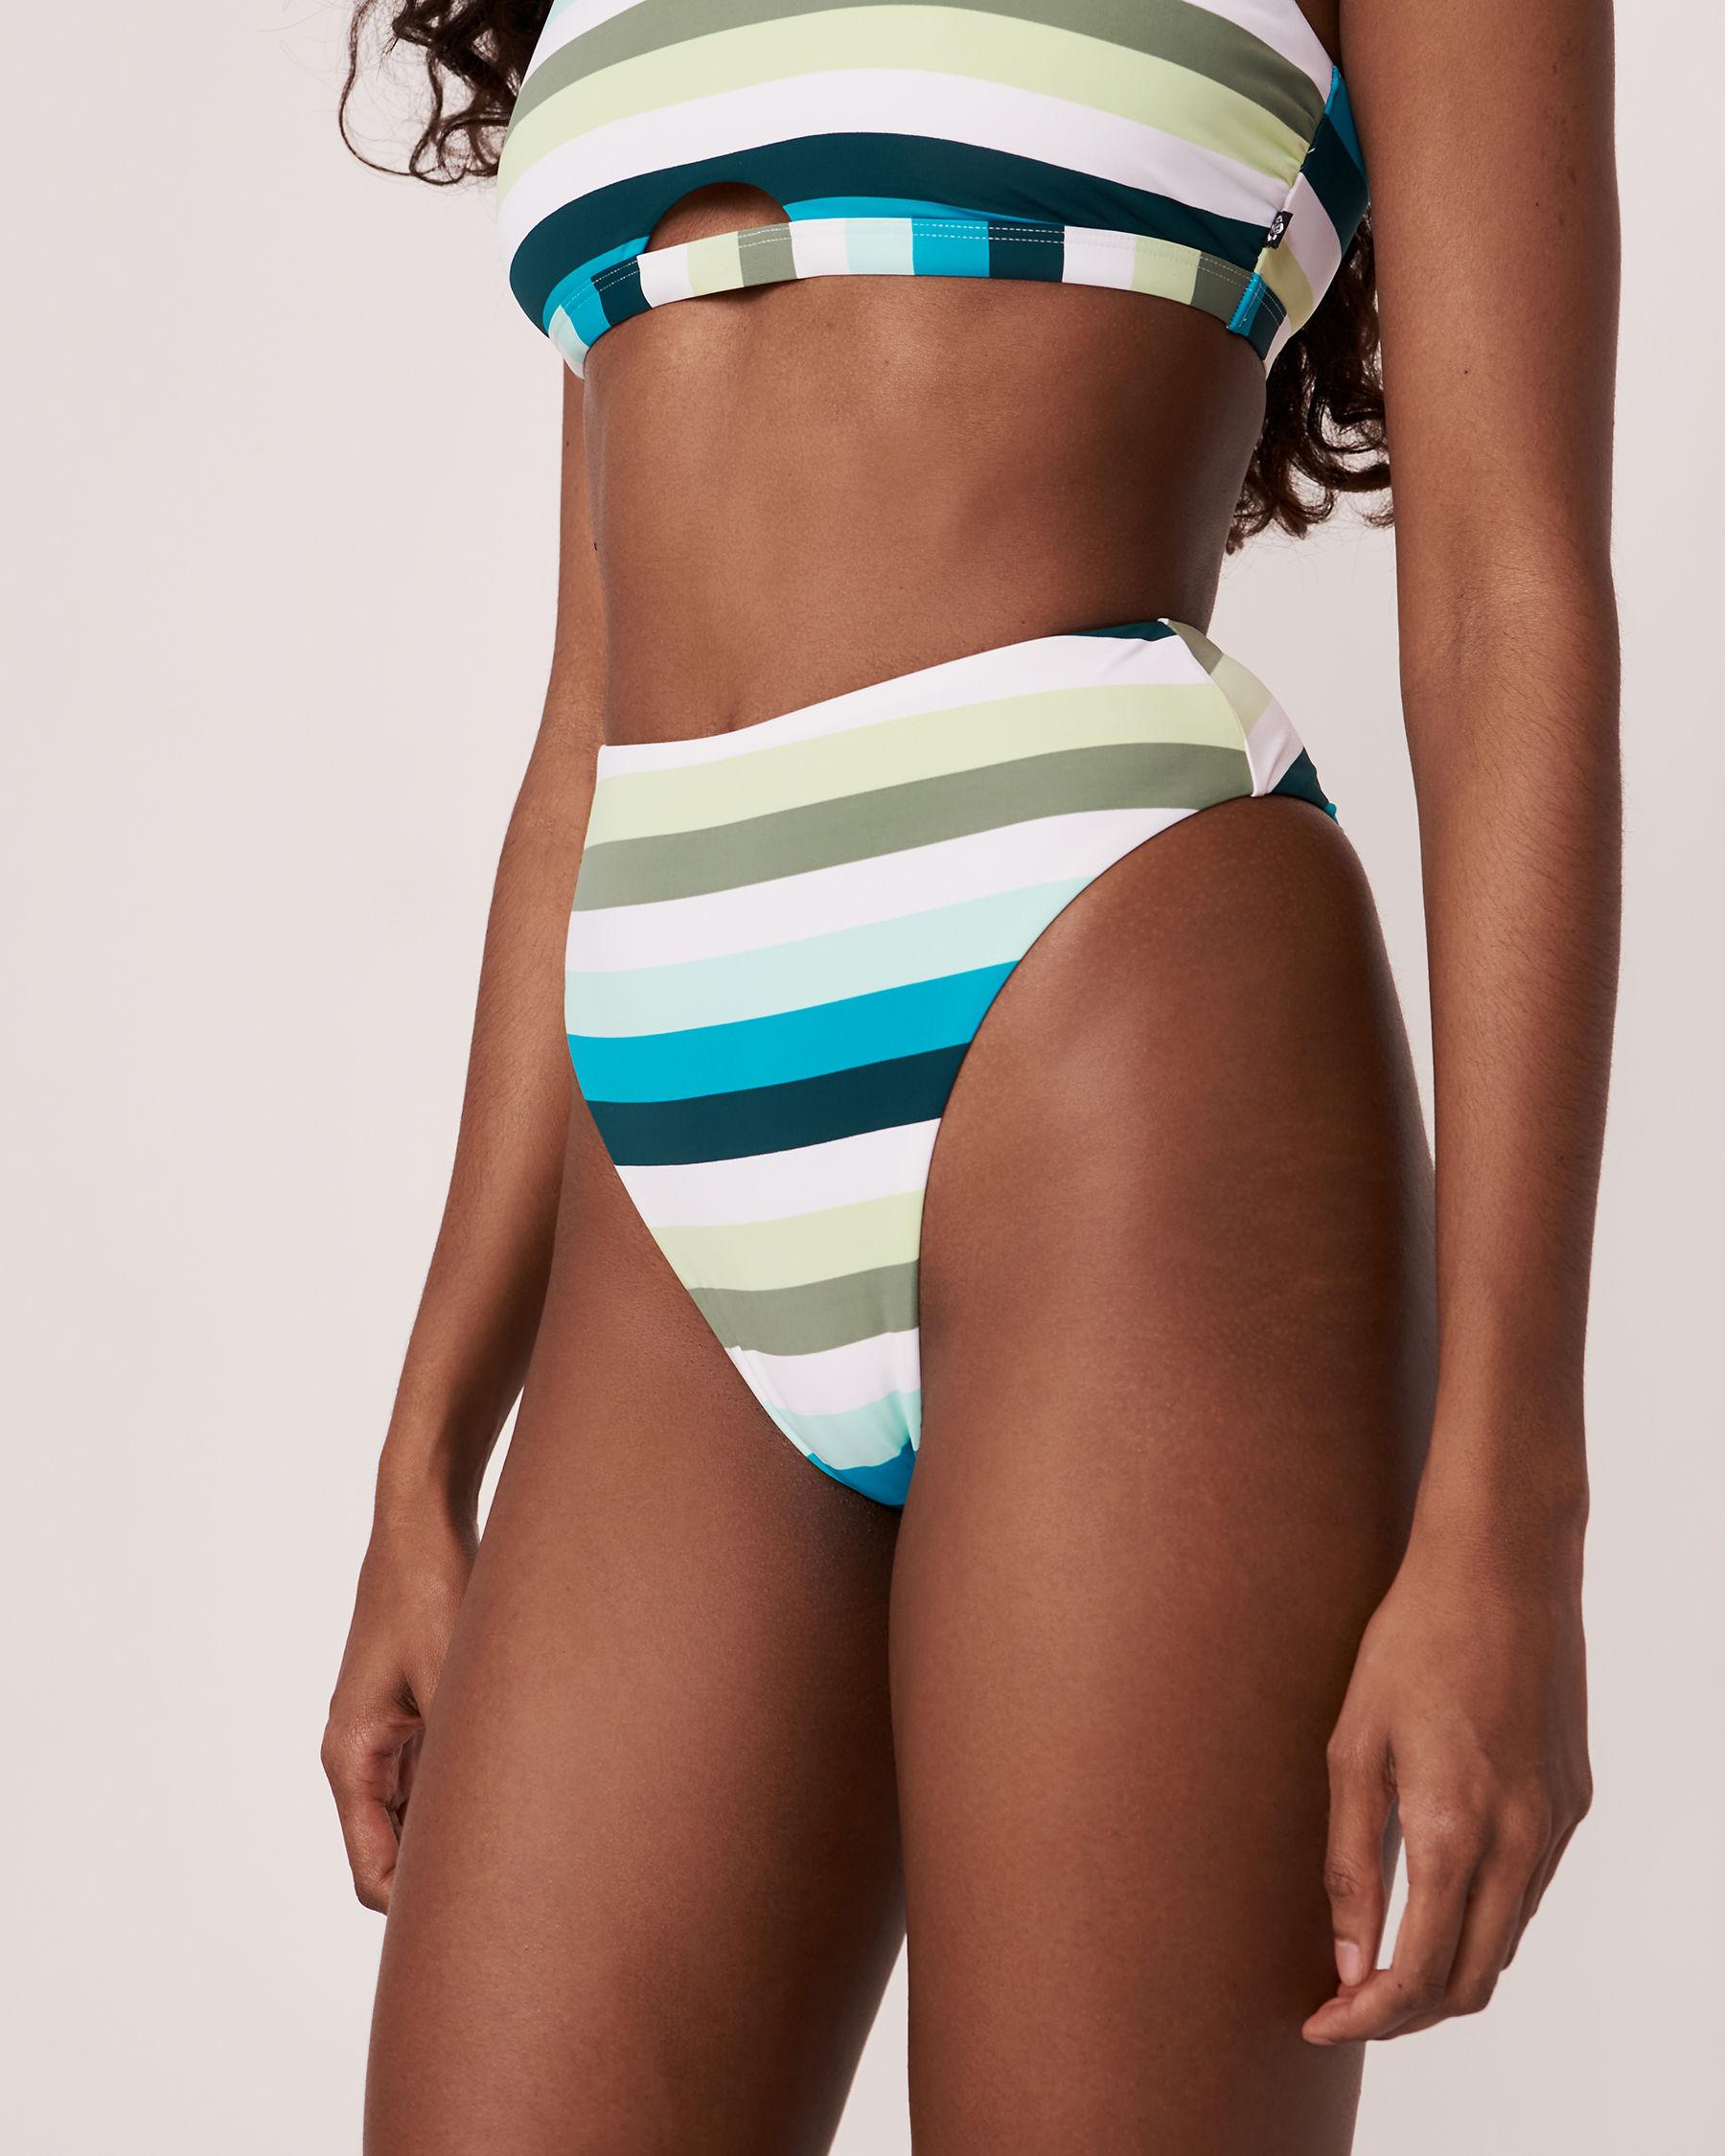 LA VIE EN ROSE AQUA LAGOON High Waist Thong Bikini Bottom Shades of blue 70300092 - View1